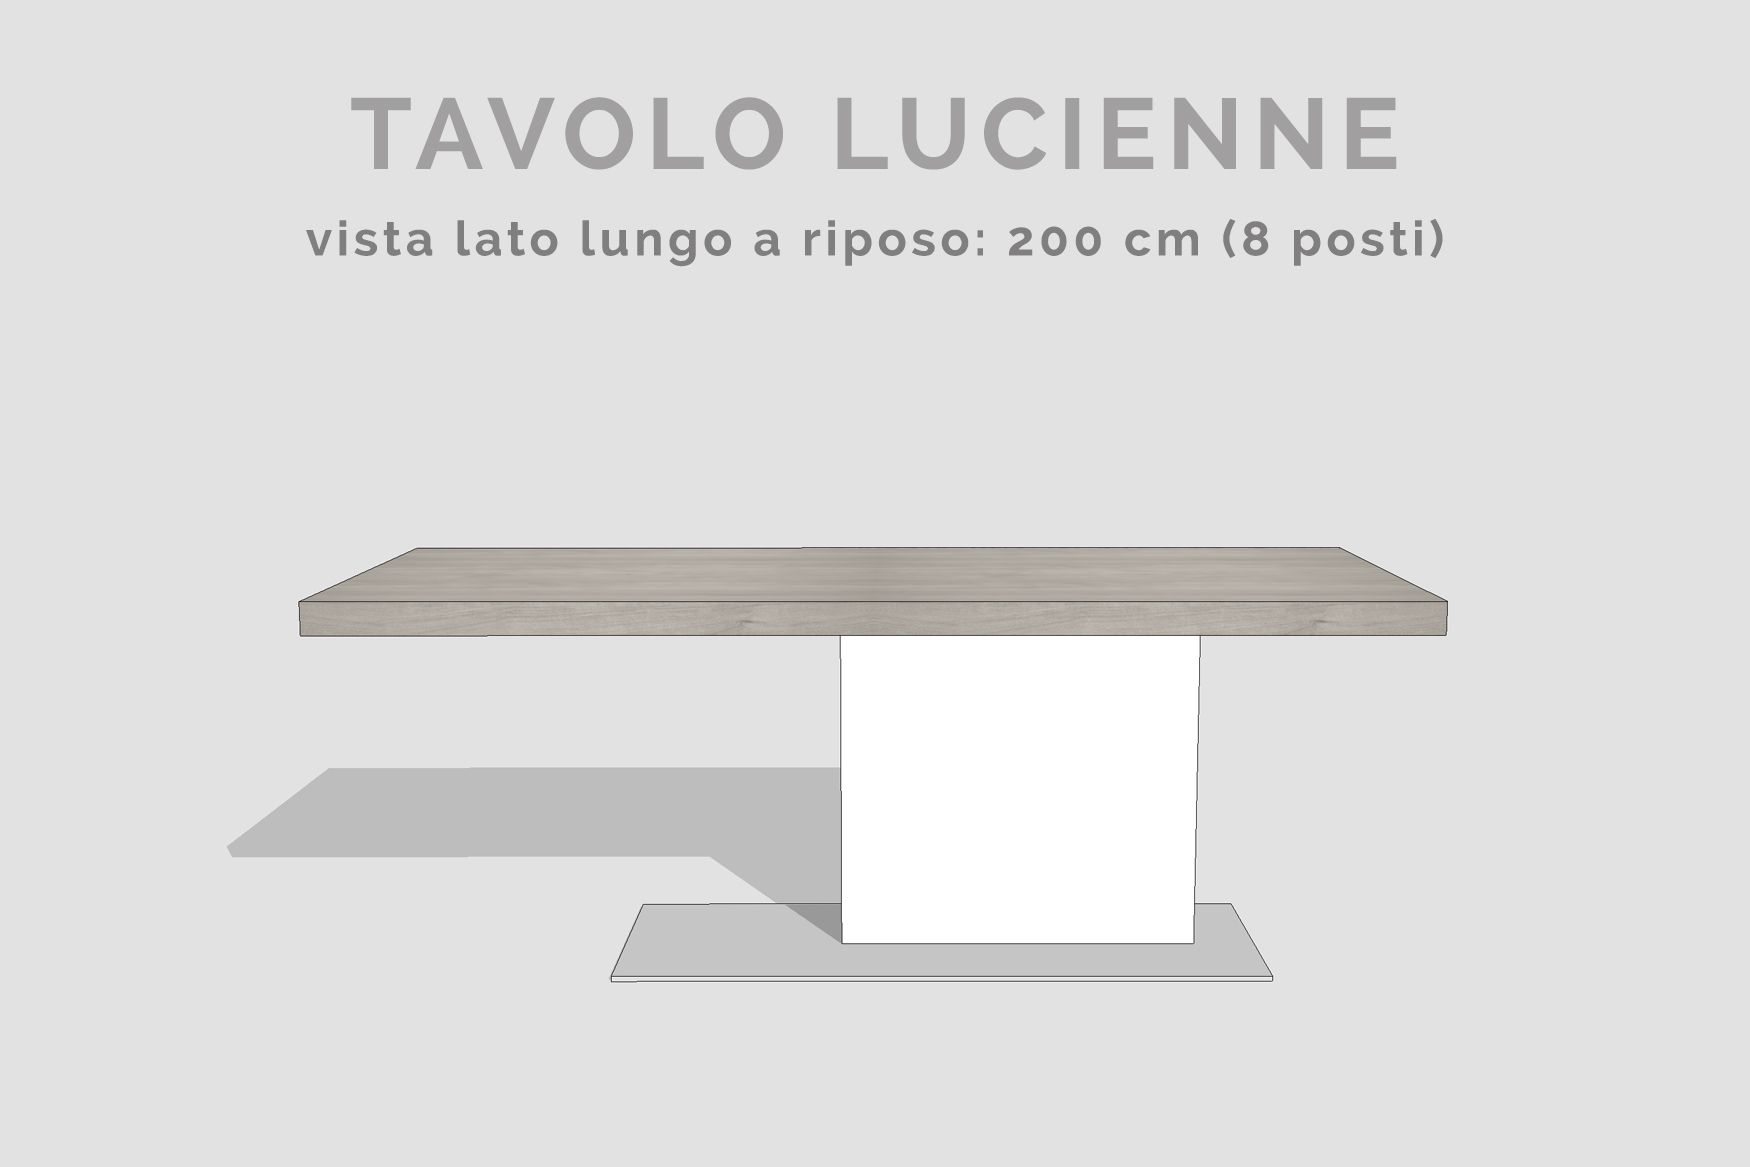 Tavolo Con Gamba Centrale Allungabile tavolo allungabile gamba centrale - tavolo lucienne | tavolo